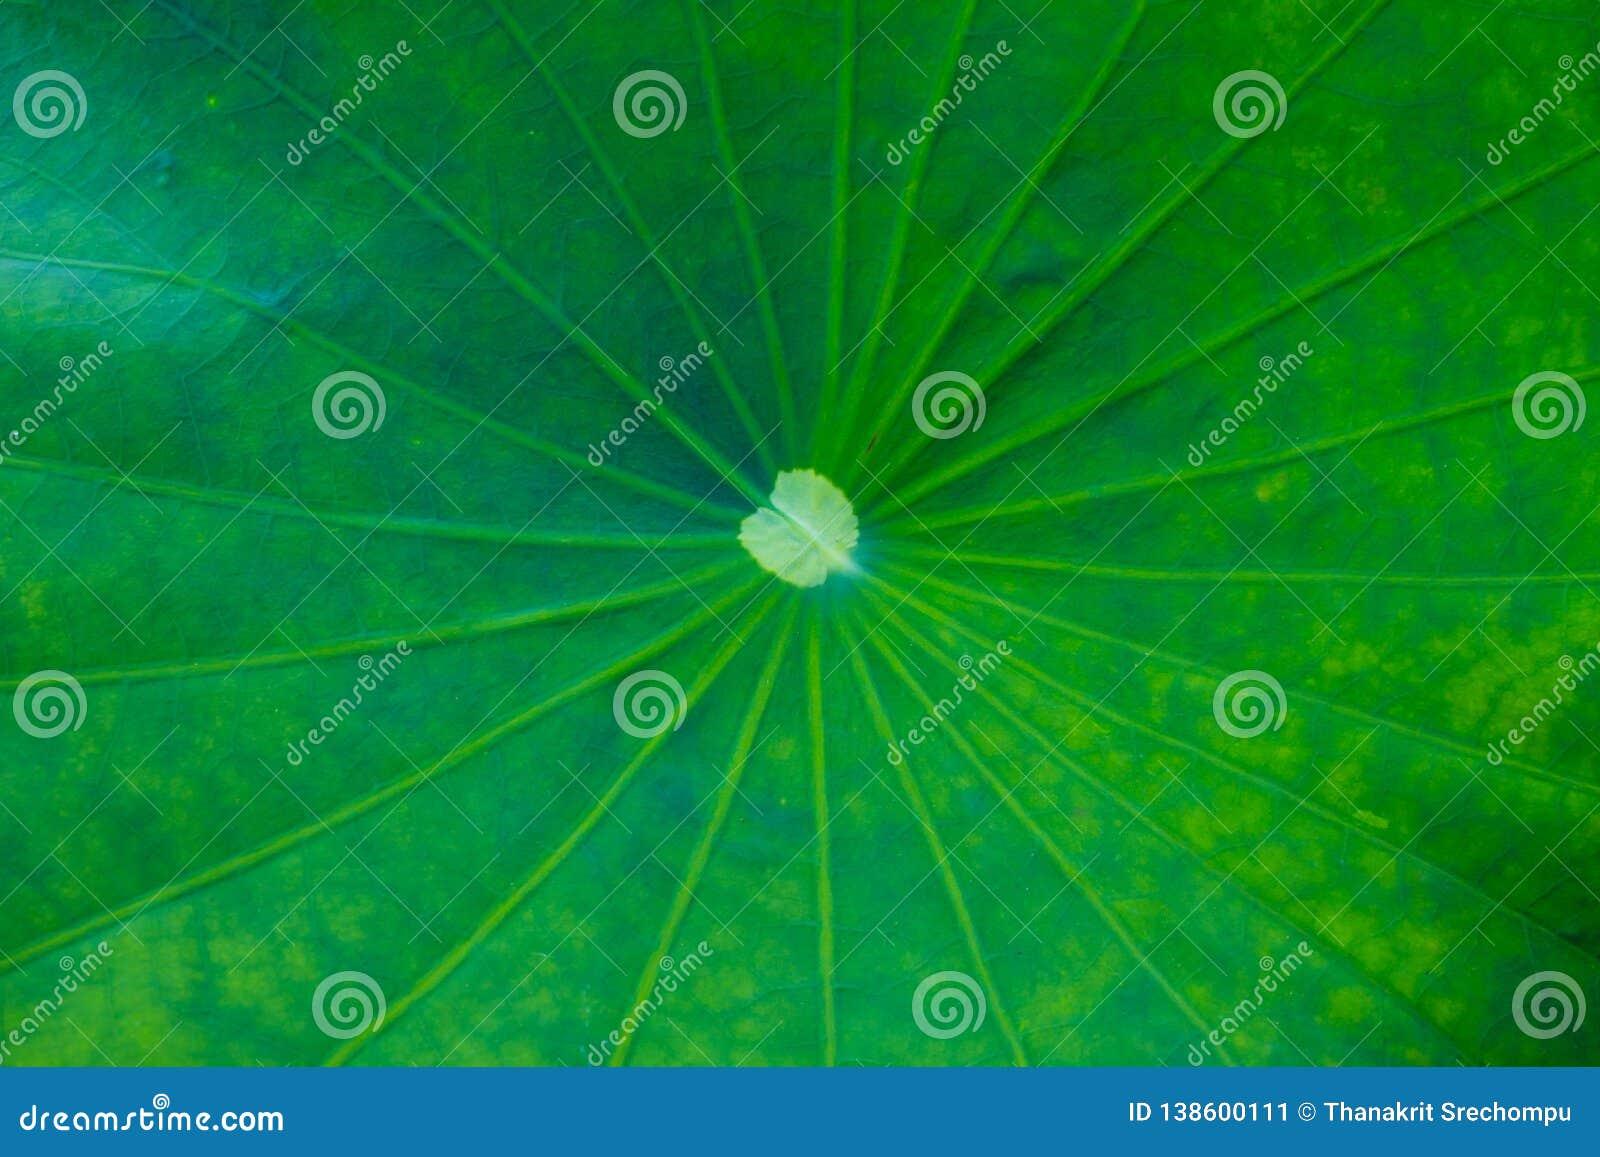 绿色莲花叶子背景